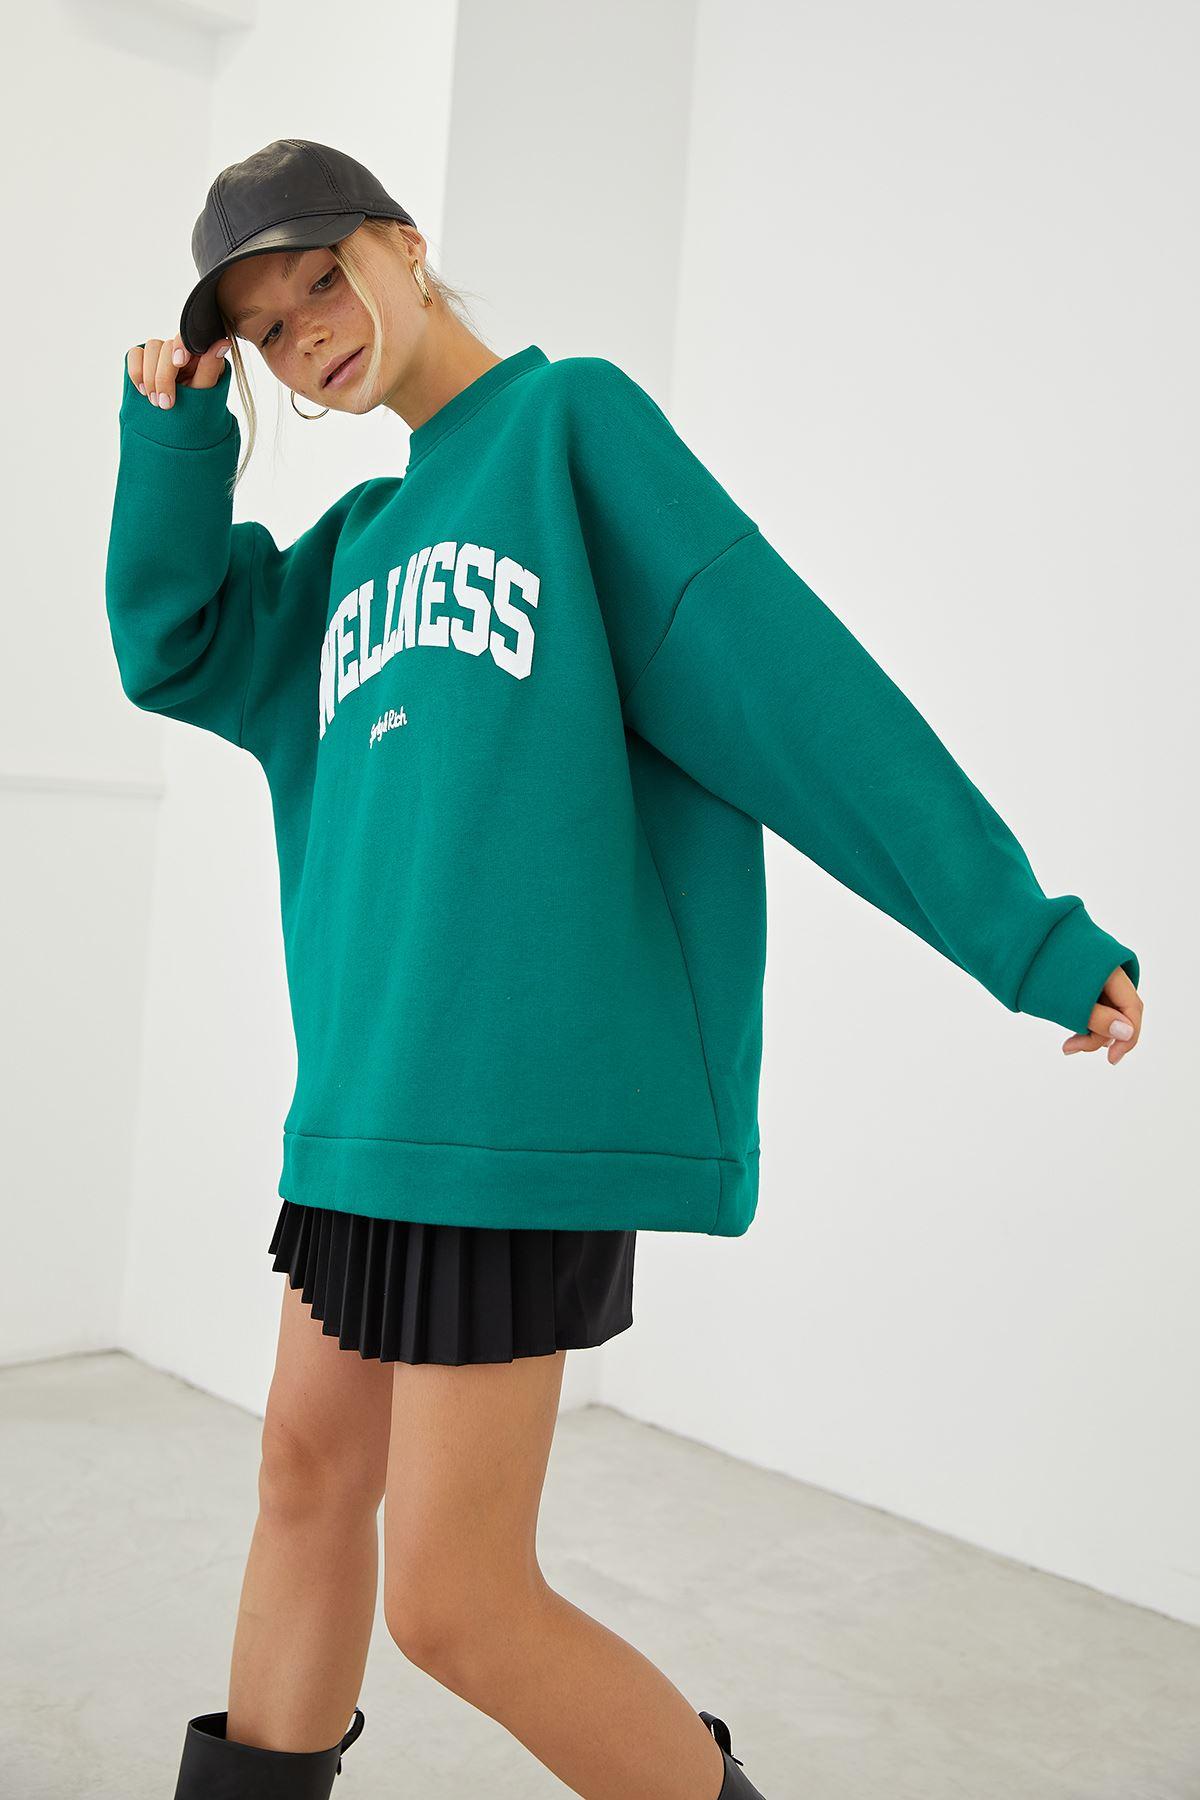 Wellnes Baskılı Sweatshirt-Yeşil